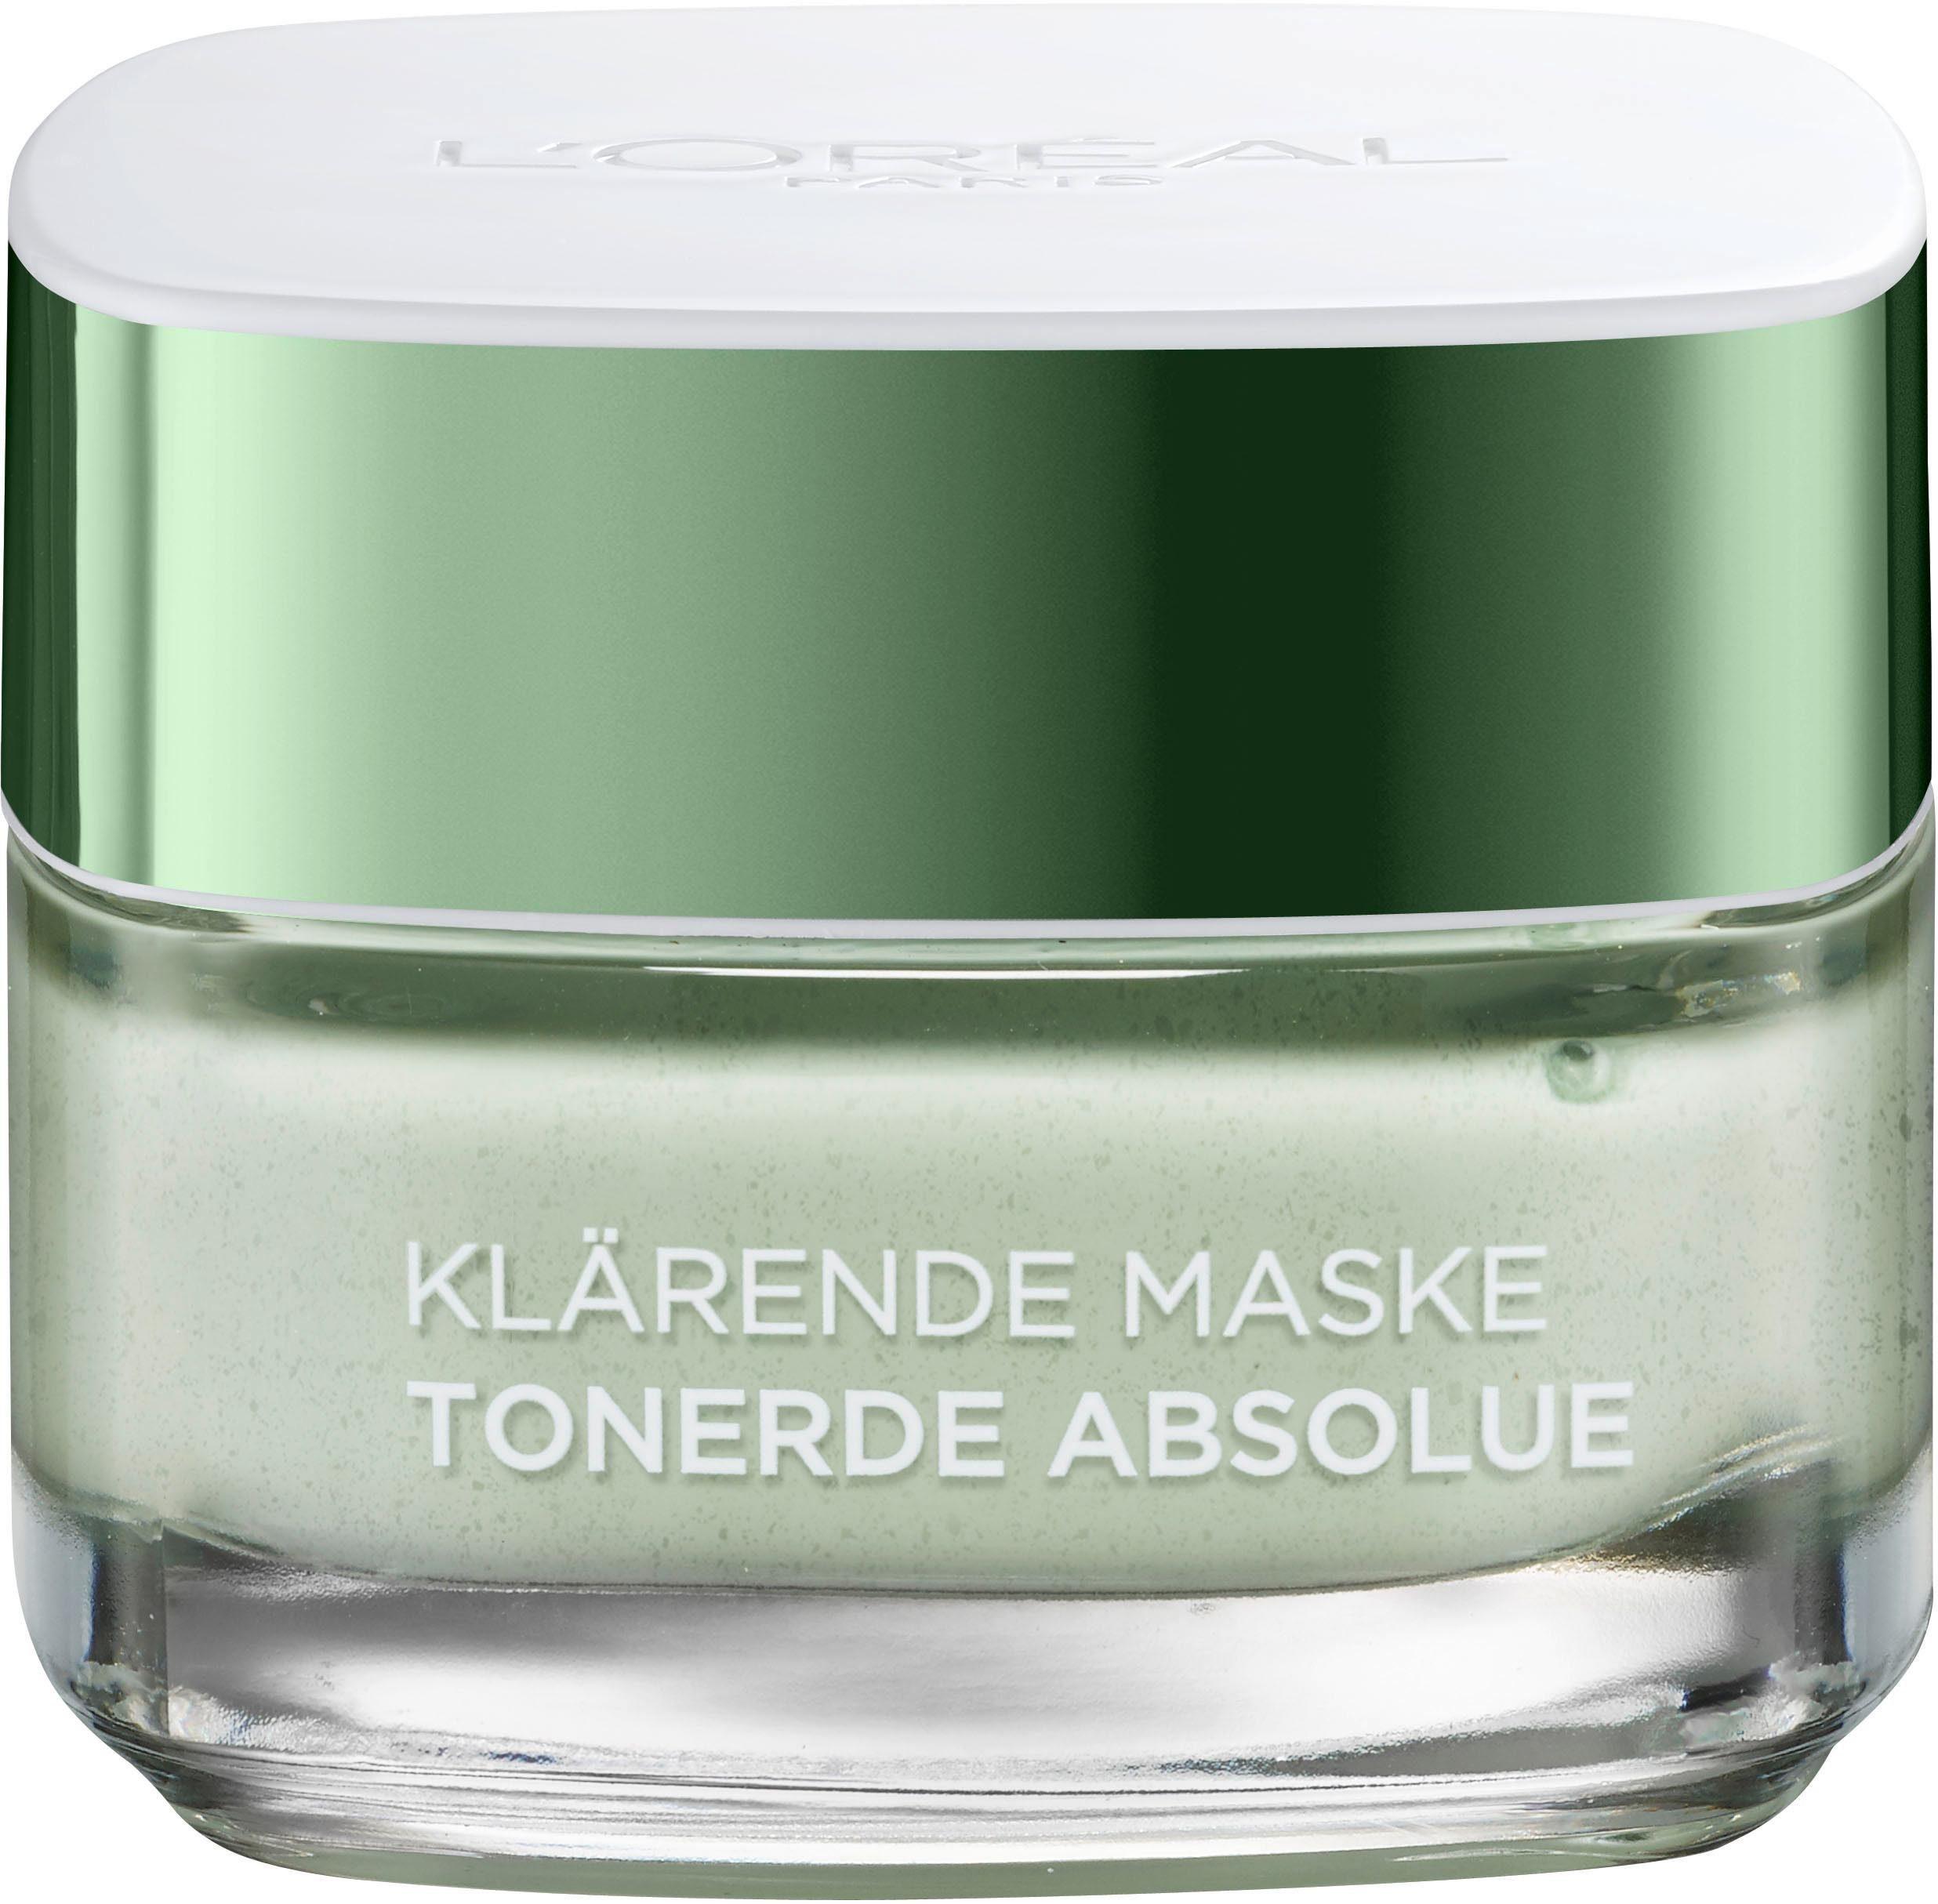 L'Oréal Paris, »Tonerde Absolue Klärende Maske (green)«, Gesichtsmaske